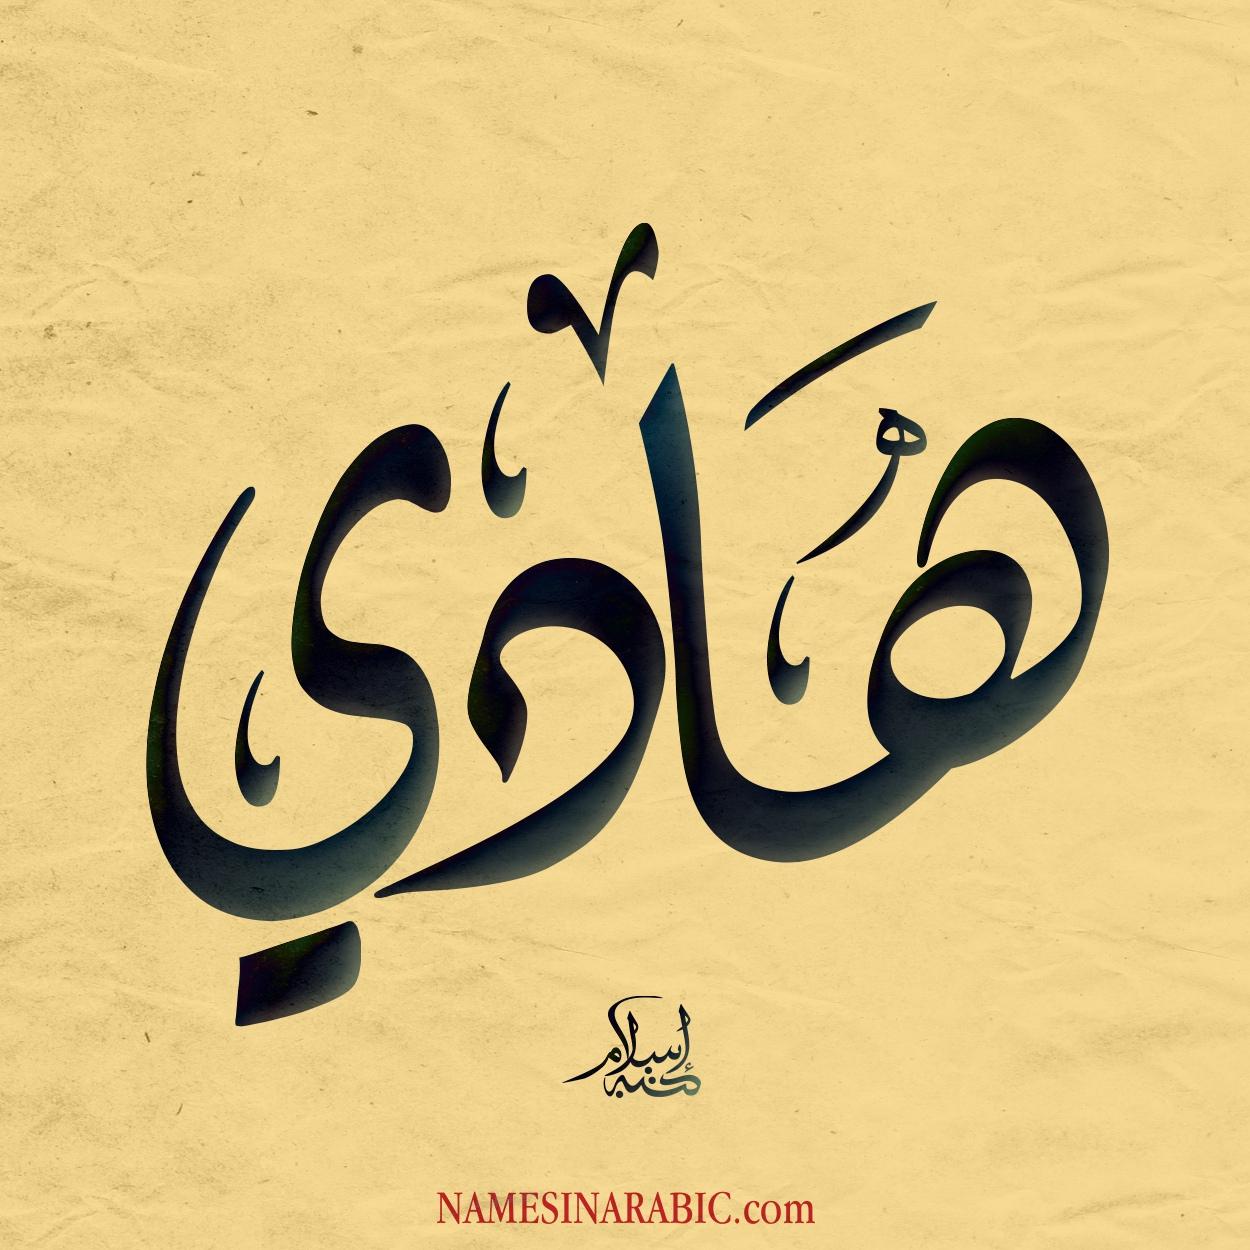 مشاهير يحملون اسم هادي و معنى اسم هادي قاموس الأسماء و المعاني